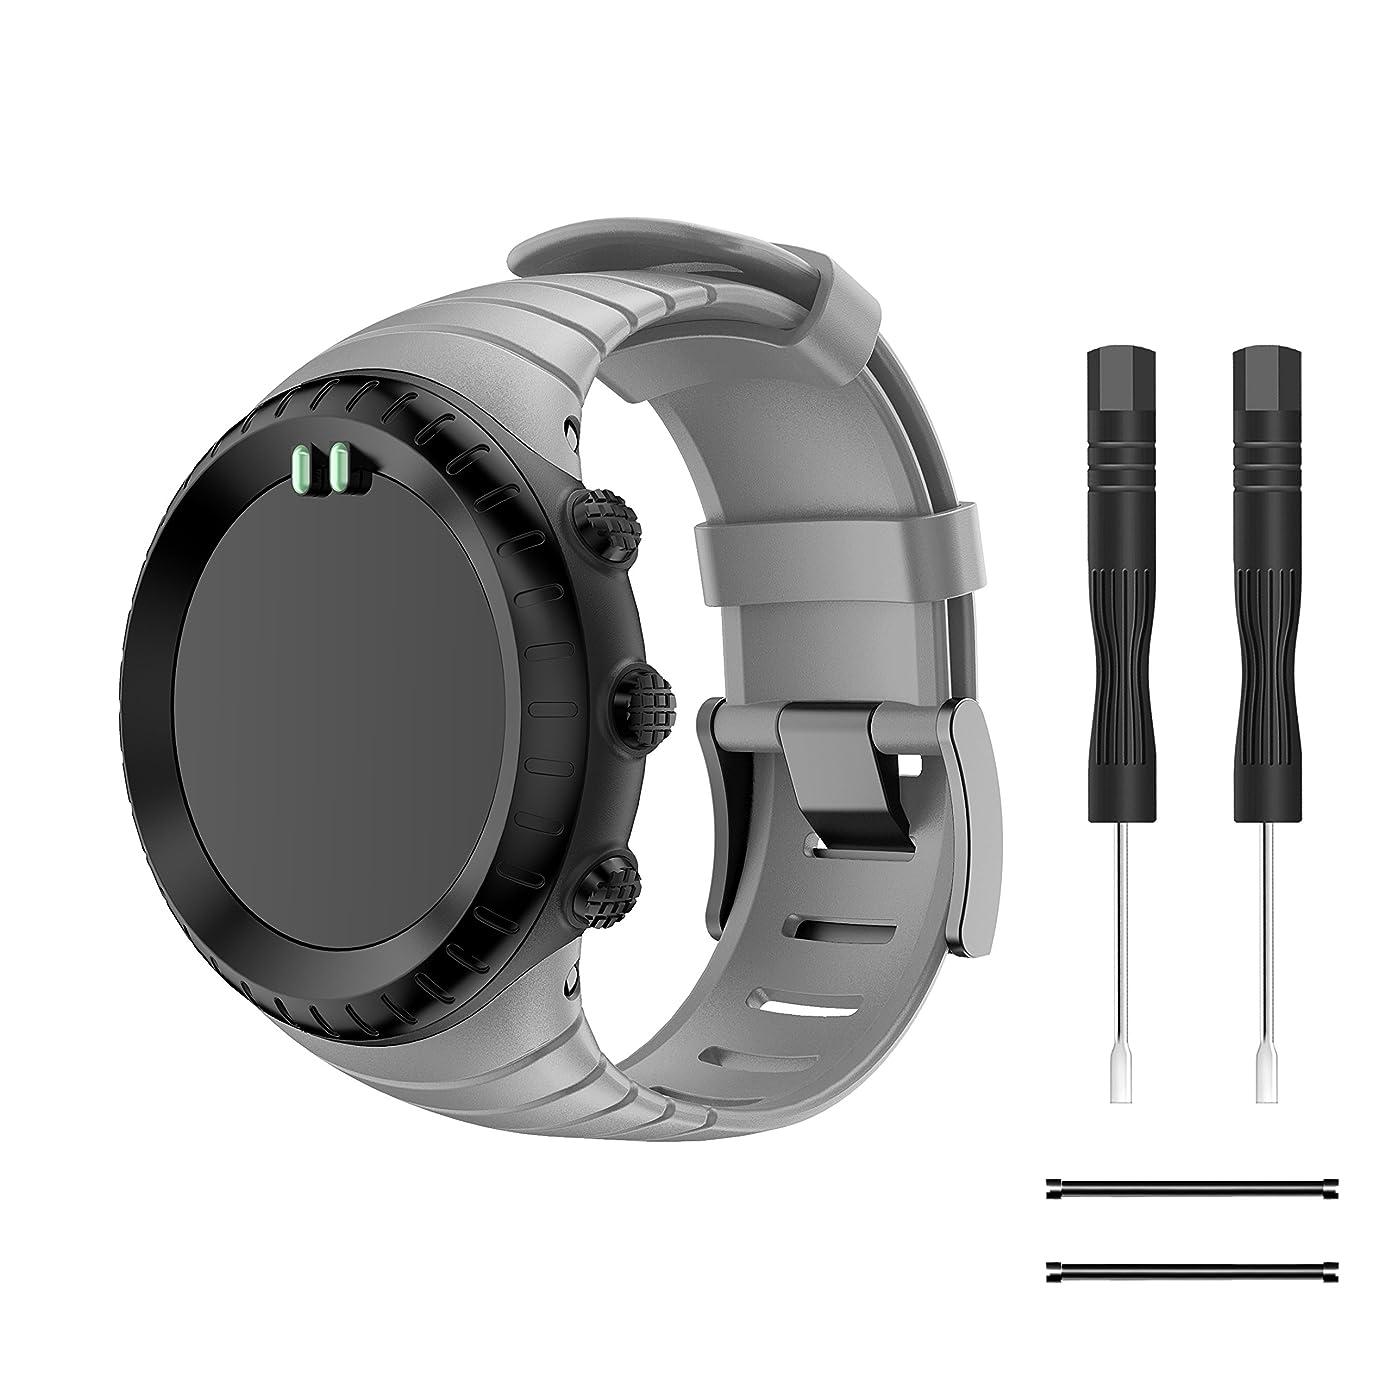 Compatible SUUNTO core ベルト,YAYUU SUUNTO(スント) Coreコア専用 ソフト 高級 TPU製腕時計ストラップ/バンド 交換ベルト 腕サ